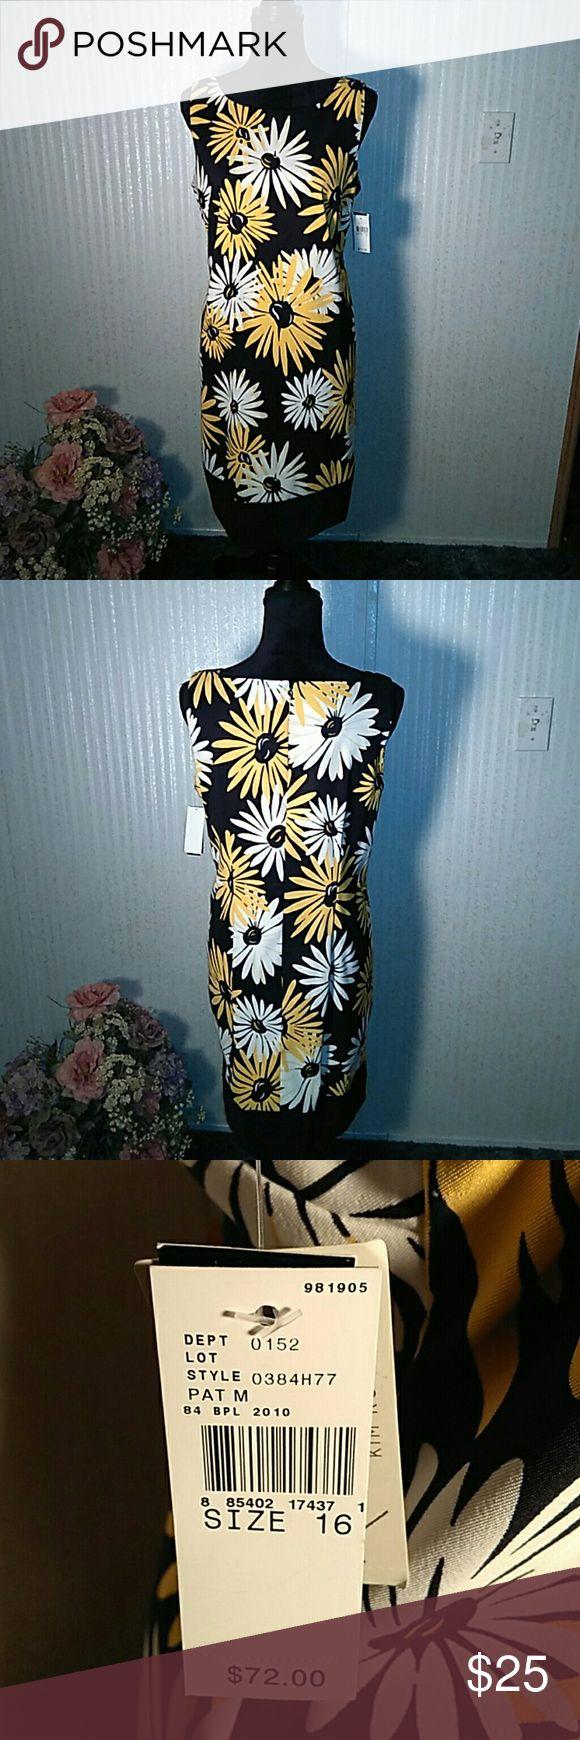 Beautiful Kim Rogers sunflower dress NWT Beautiful Kim Rogers sunflower dress NWT Kim Rogers Dresses Midi